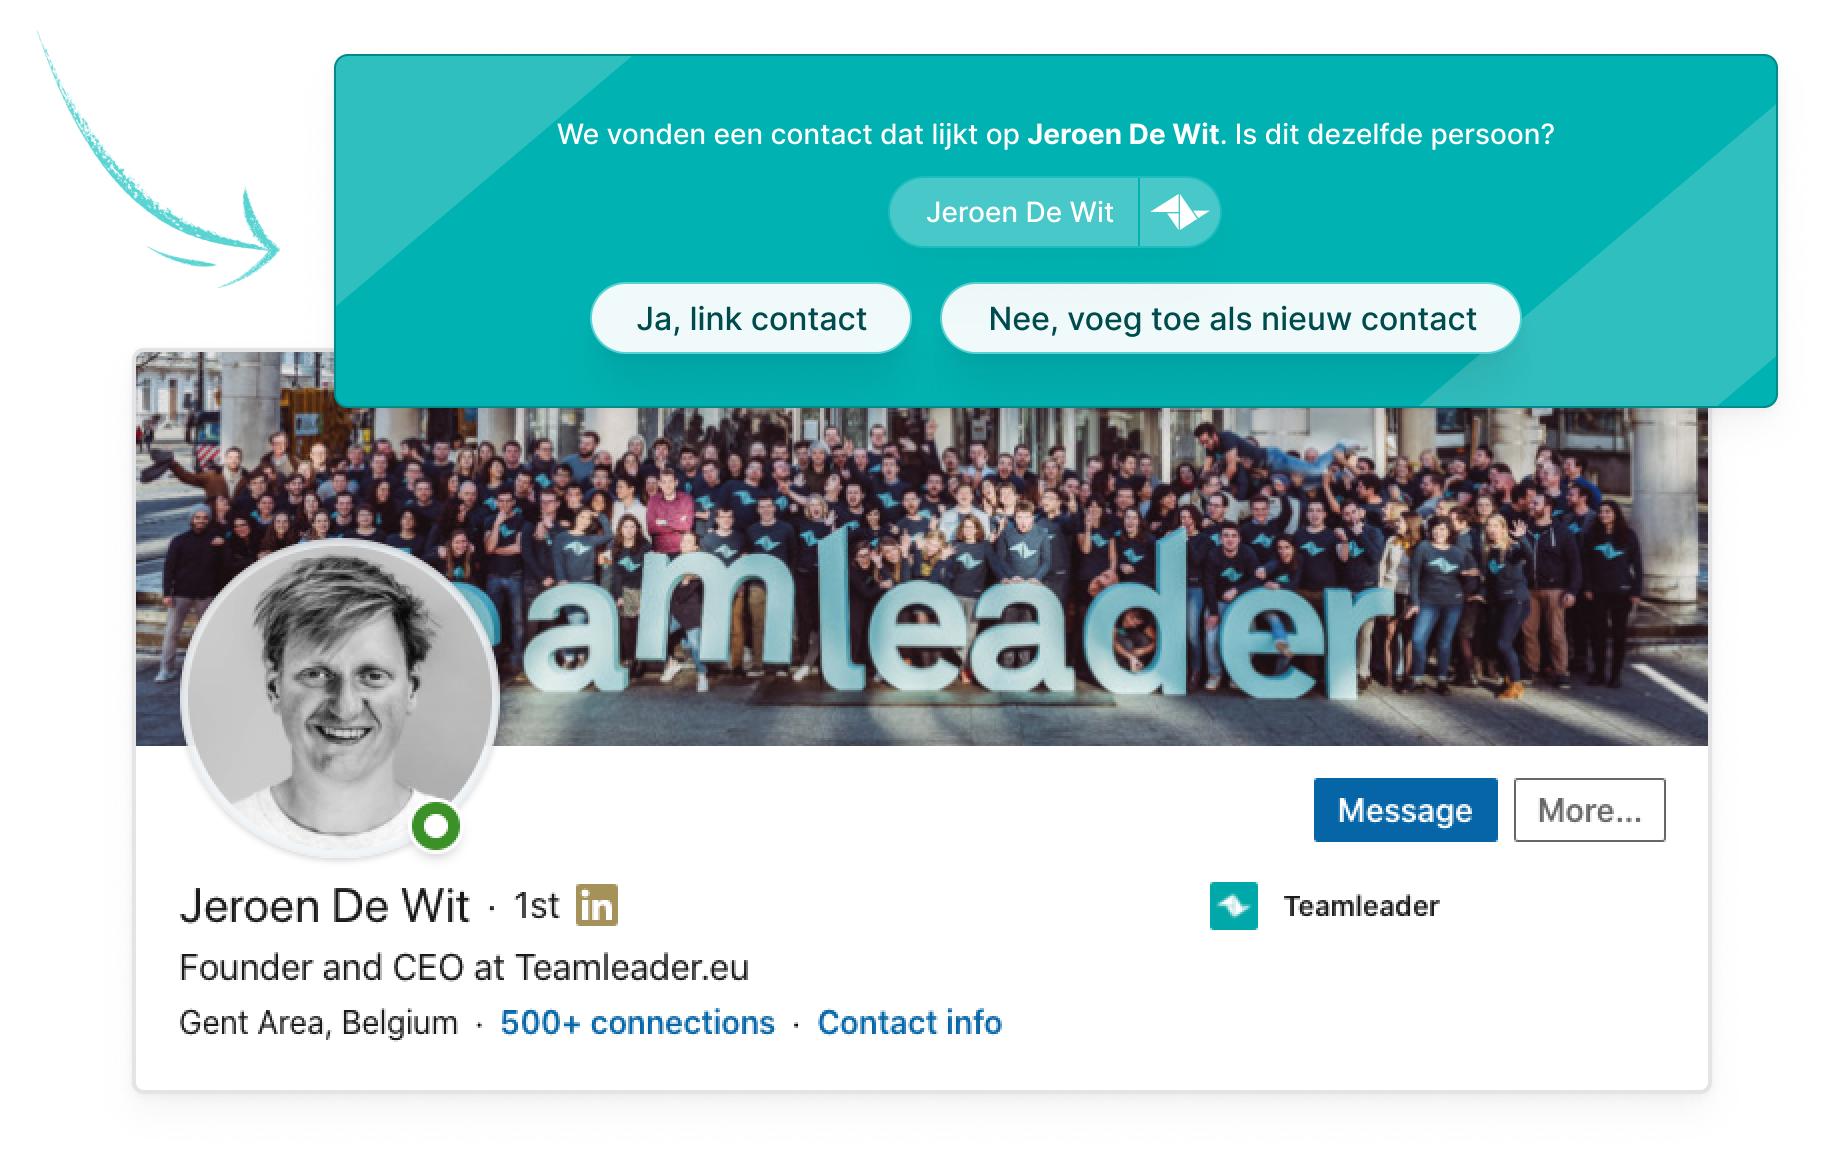 NL_Blog_LinkedInPlugIn_Stap 1 A